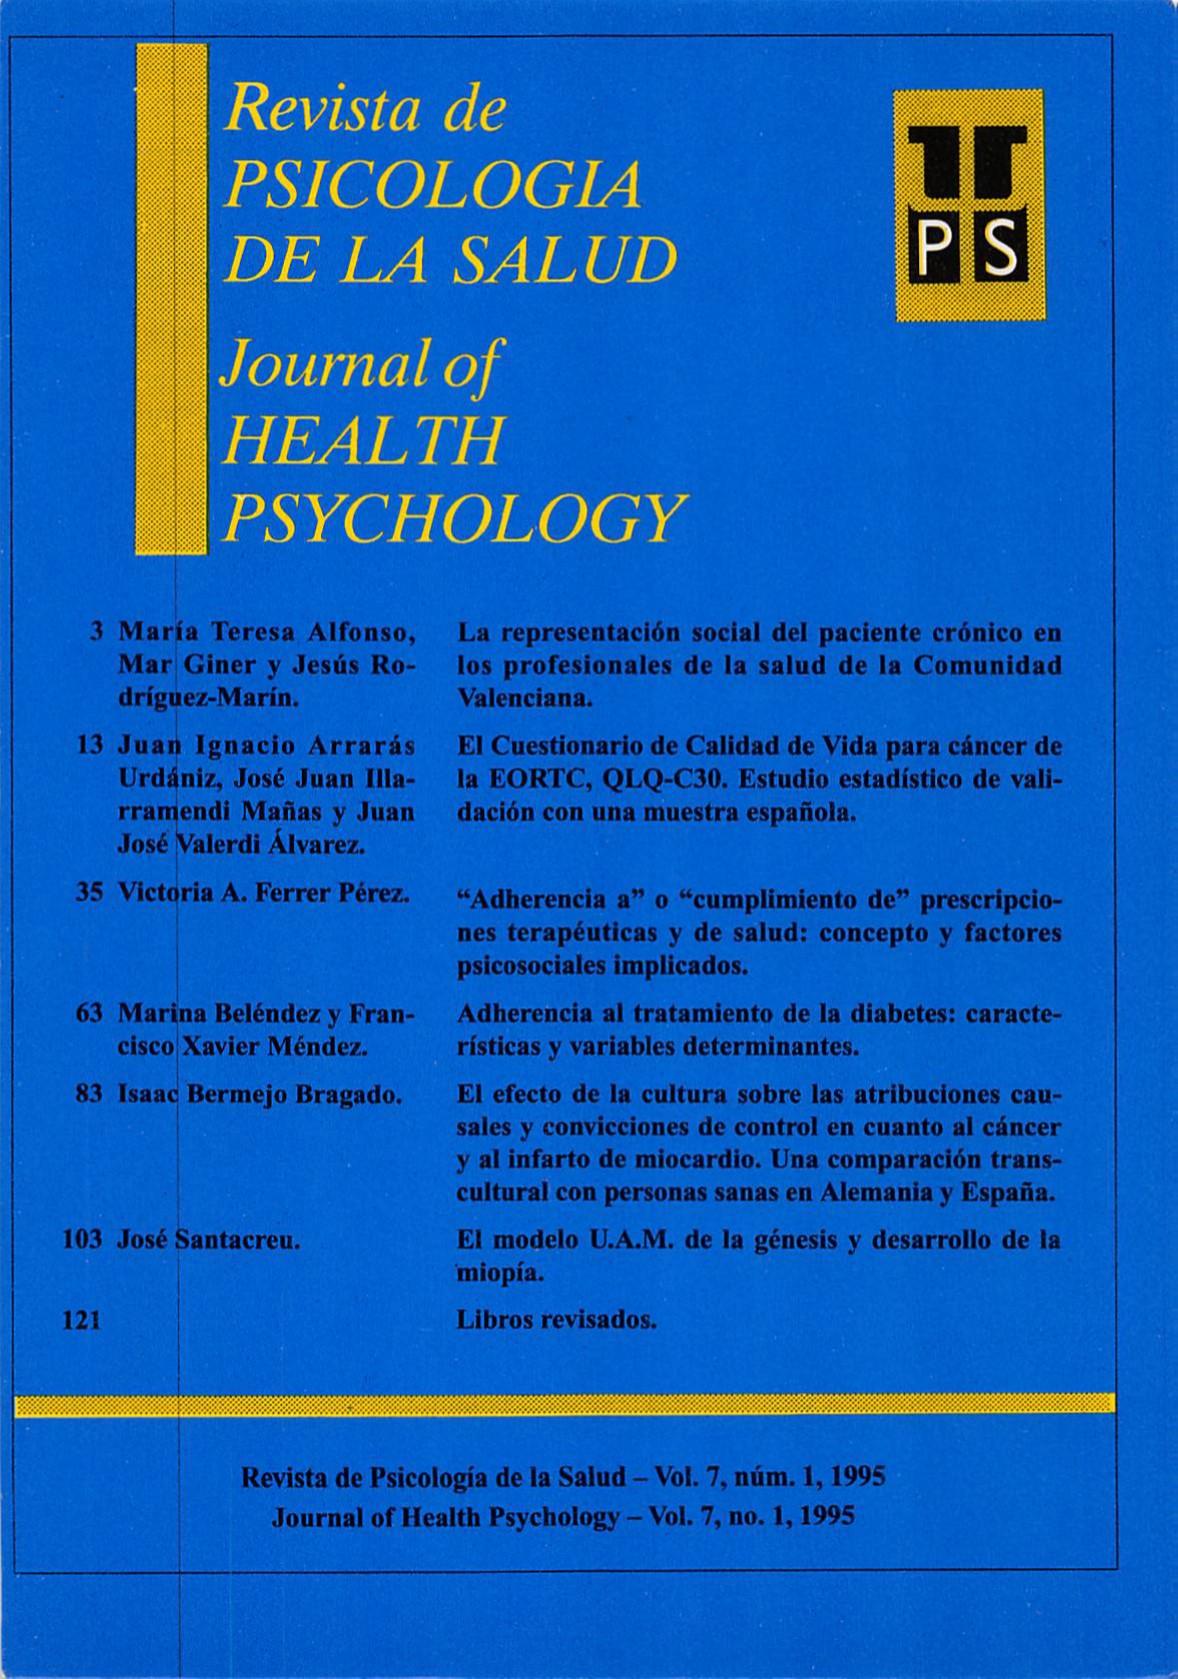 Ver Vol. 7 Núm. 1 (1995): Revista de Psicología de la Salud